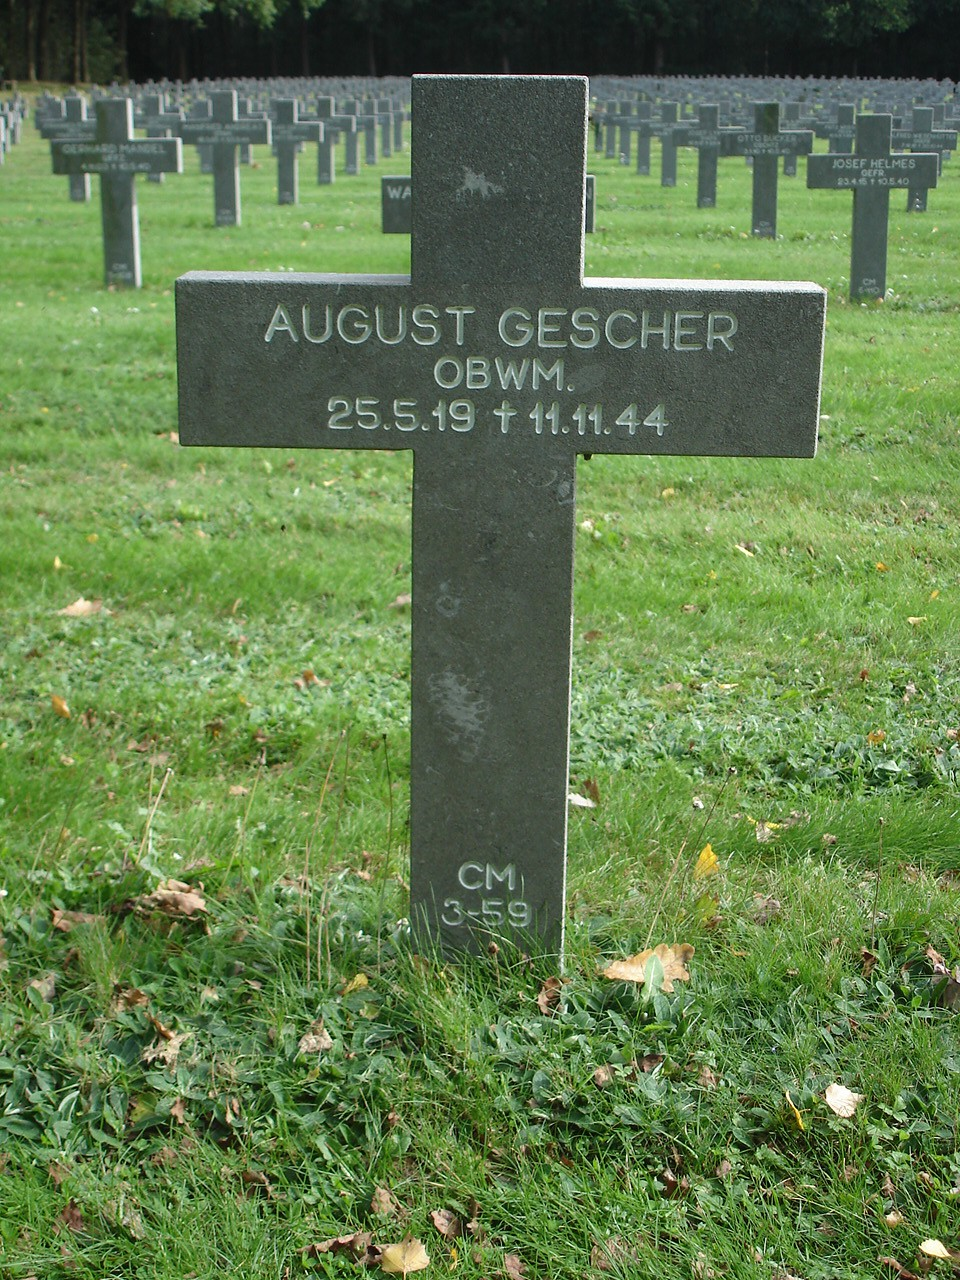 August Gescher